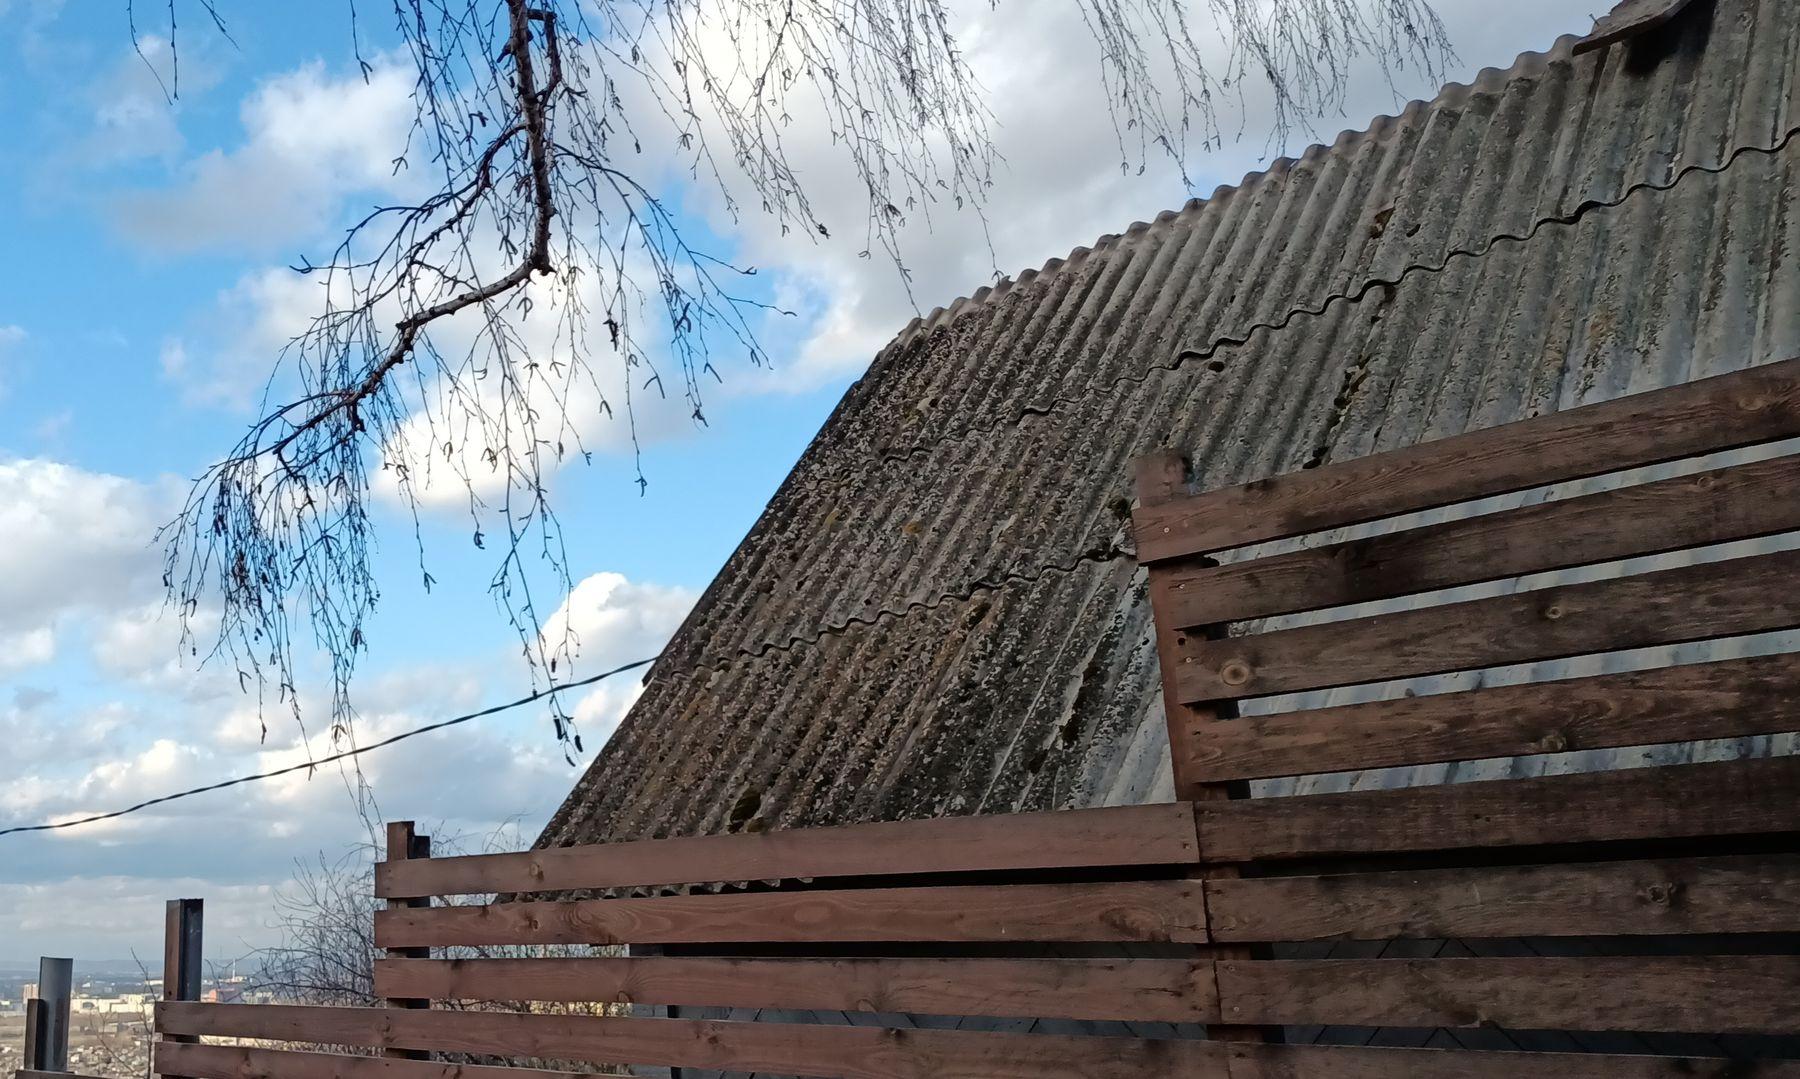 Забор Забор крыша дом деревня весна небо ветви даль